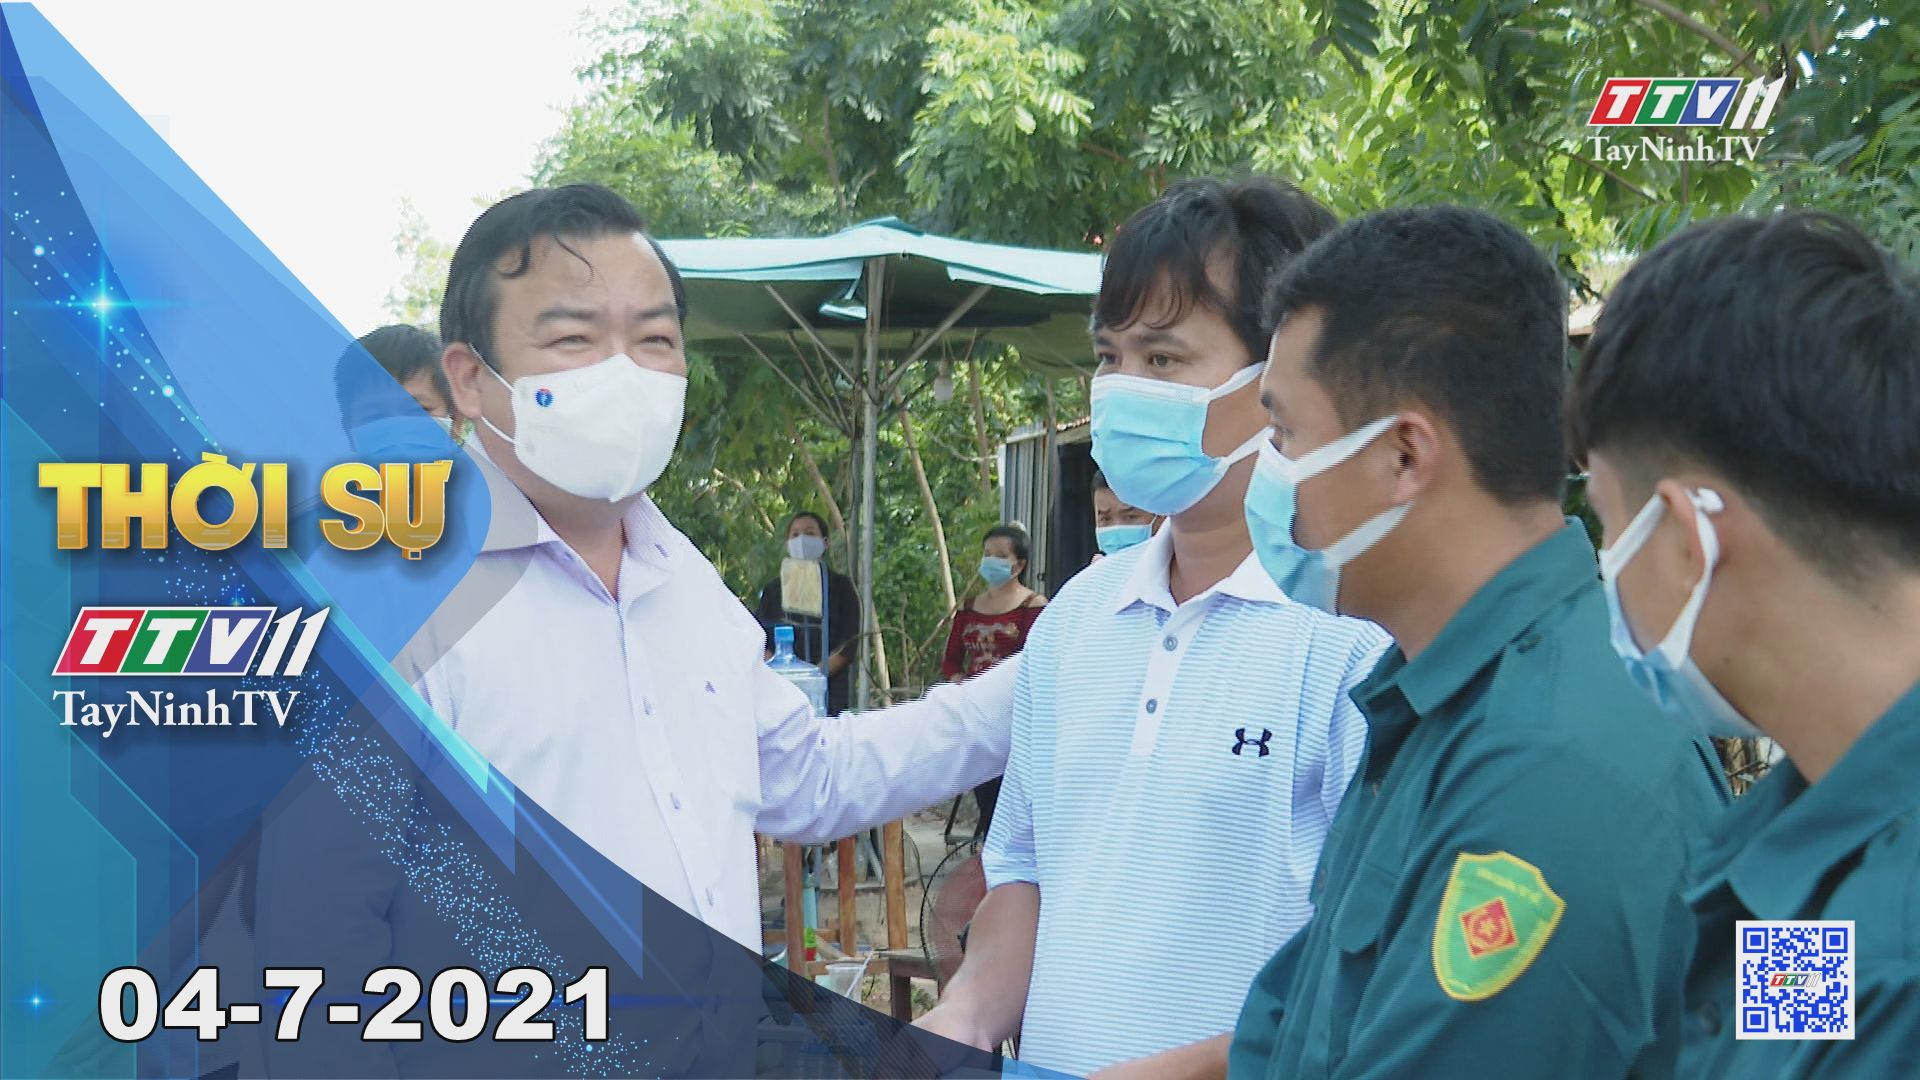 Thời sự Tây Ninh 04-7-2021   Tin tức hôm nay   TayNinhTV